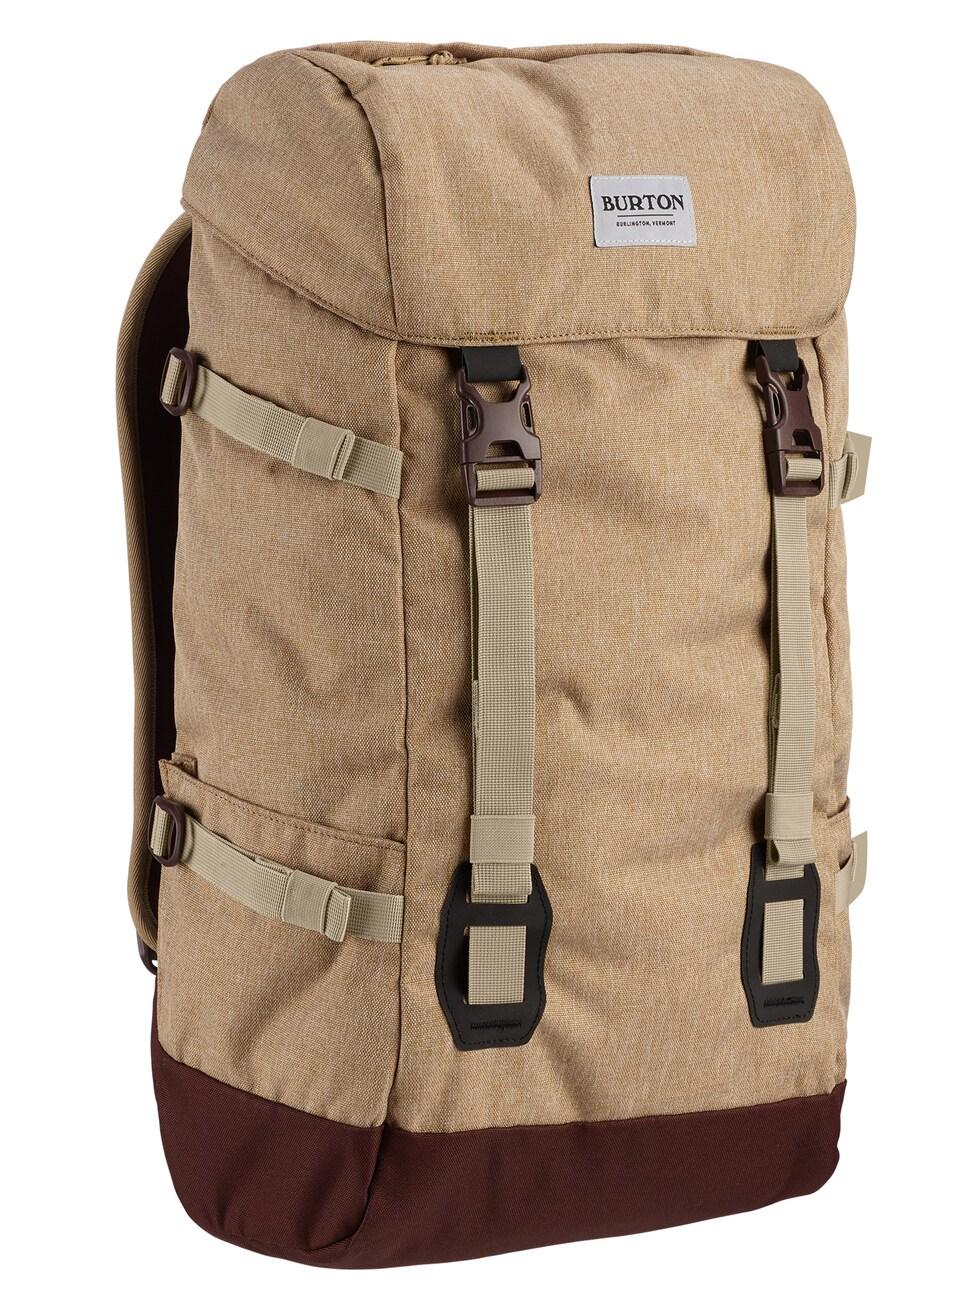 バートン 2021-22秋冬 バックパック 正規品 Burton Tinder Heather Backpack 30L Kelp 2.0 2022FW 価格交渉OK送料無料 保障